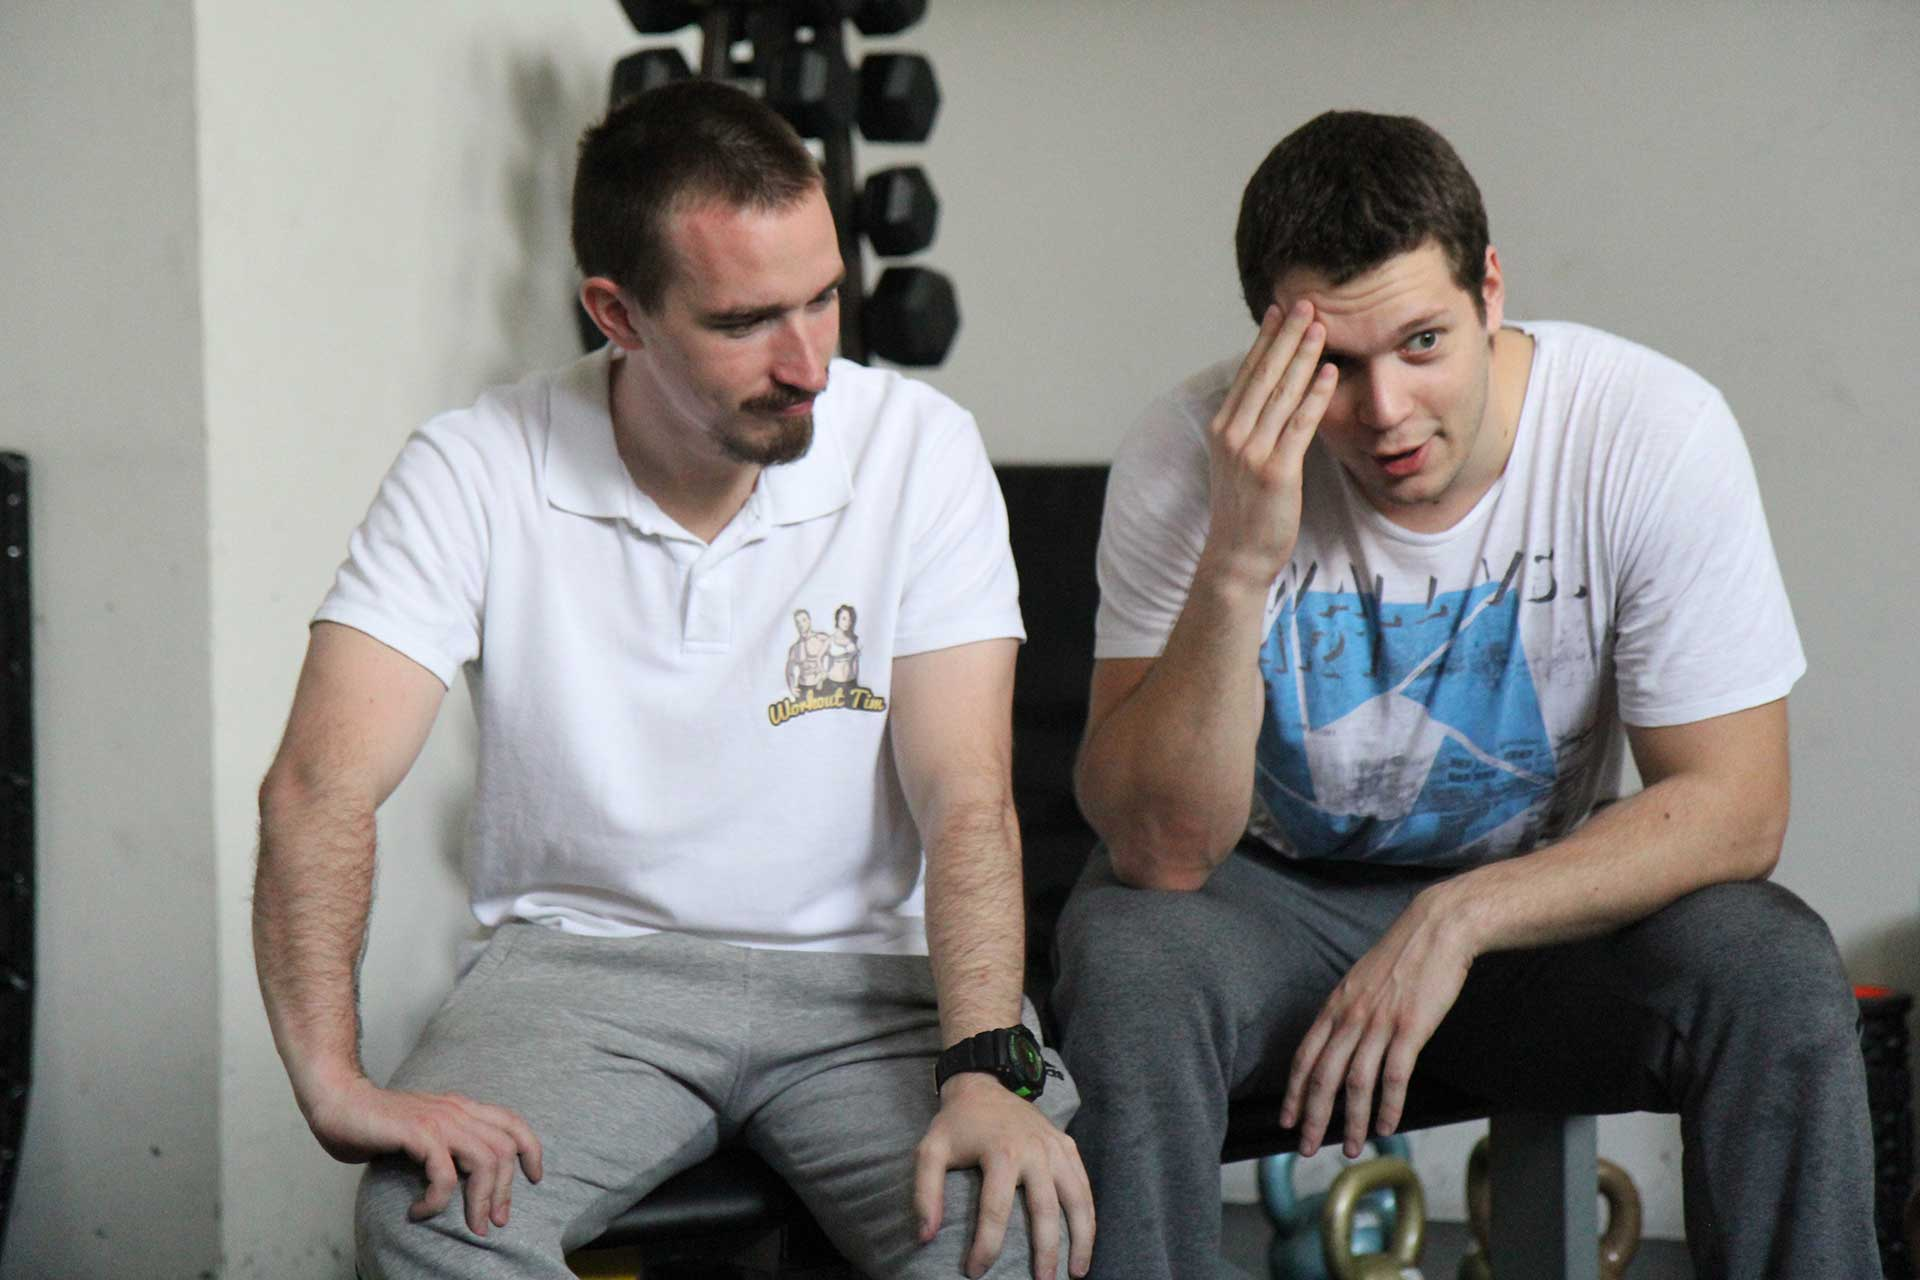 Reakcija-na-izjavu-o-vretenastim-mišićima---zablude-o-treningu-snage---Workout-Team